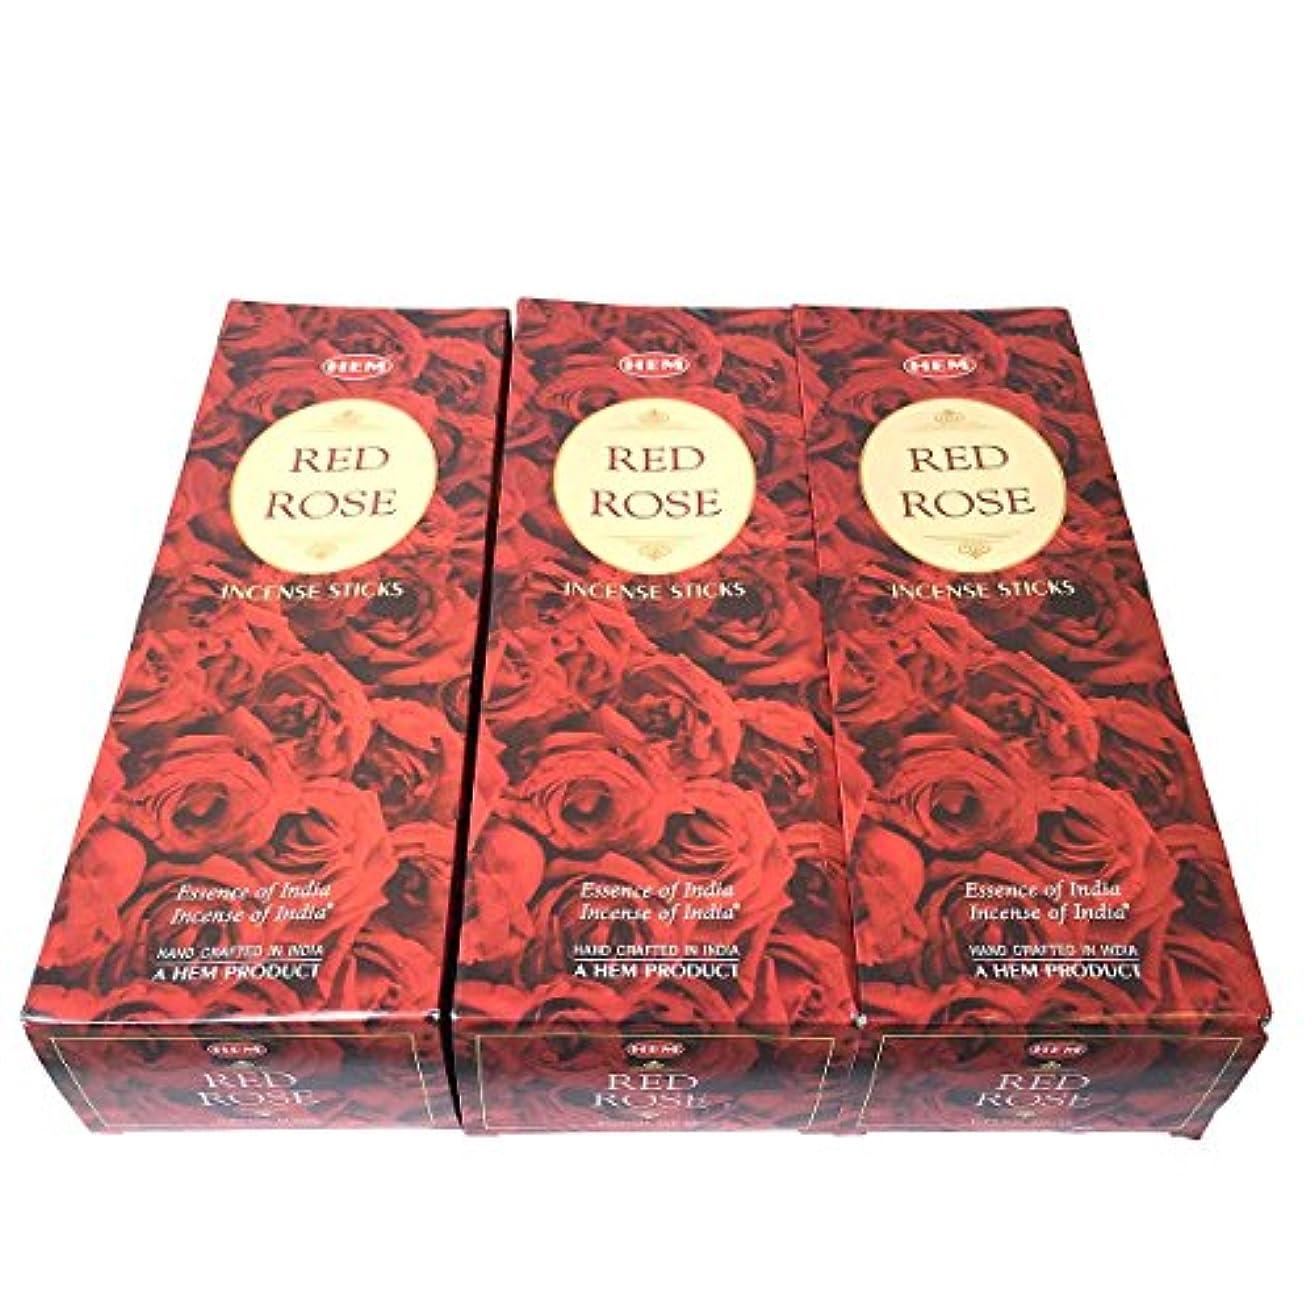 サーキュレーション踏みつけ歌詞レッドローズ香スティック 3BOX(18箱) /HEM RED ROSE/インセンス/インド香 お香 [並行輸入品]